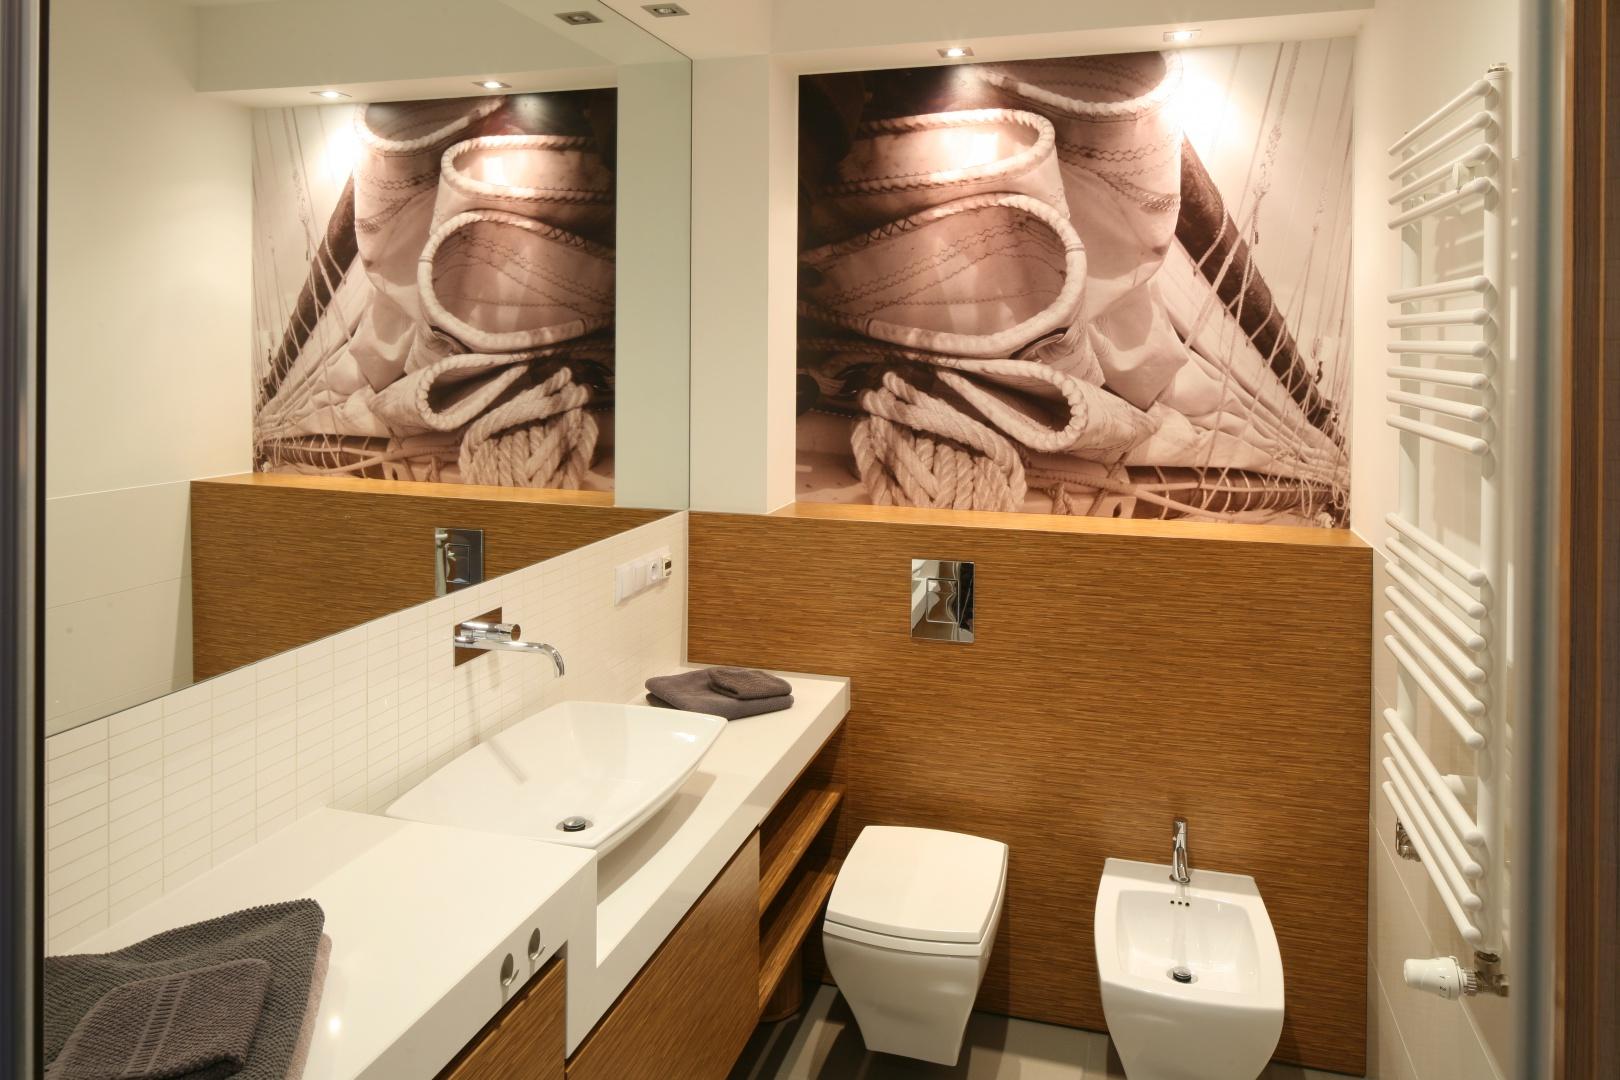 Łazienka jest mała, wydaje się jednak dwukrotnie większa za sprawą ogromnego lustra nad umywalką. Wyjątkową dekoracją jest fototapeta z żaglami nadrukowana na PCV. Projekt: Małgorzata Galewska. Fot. Bartosz Jarosz.